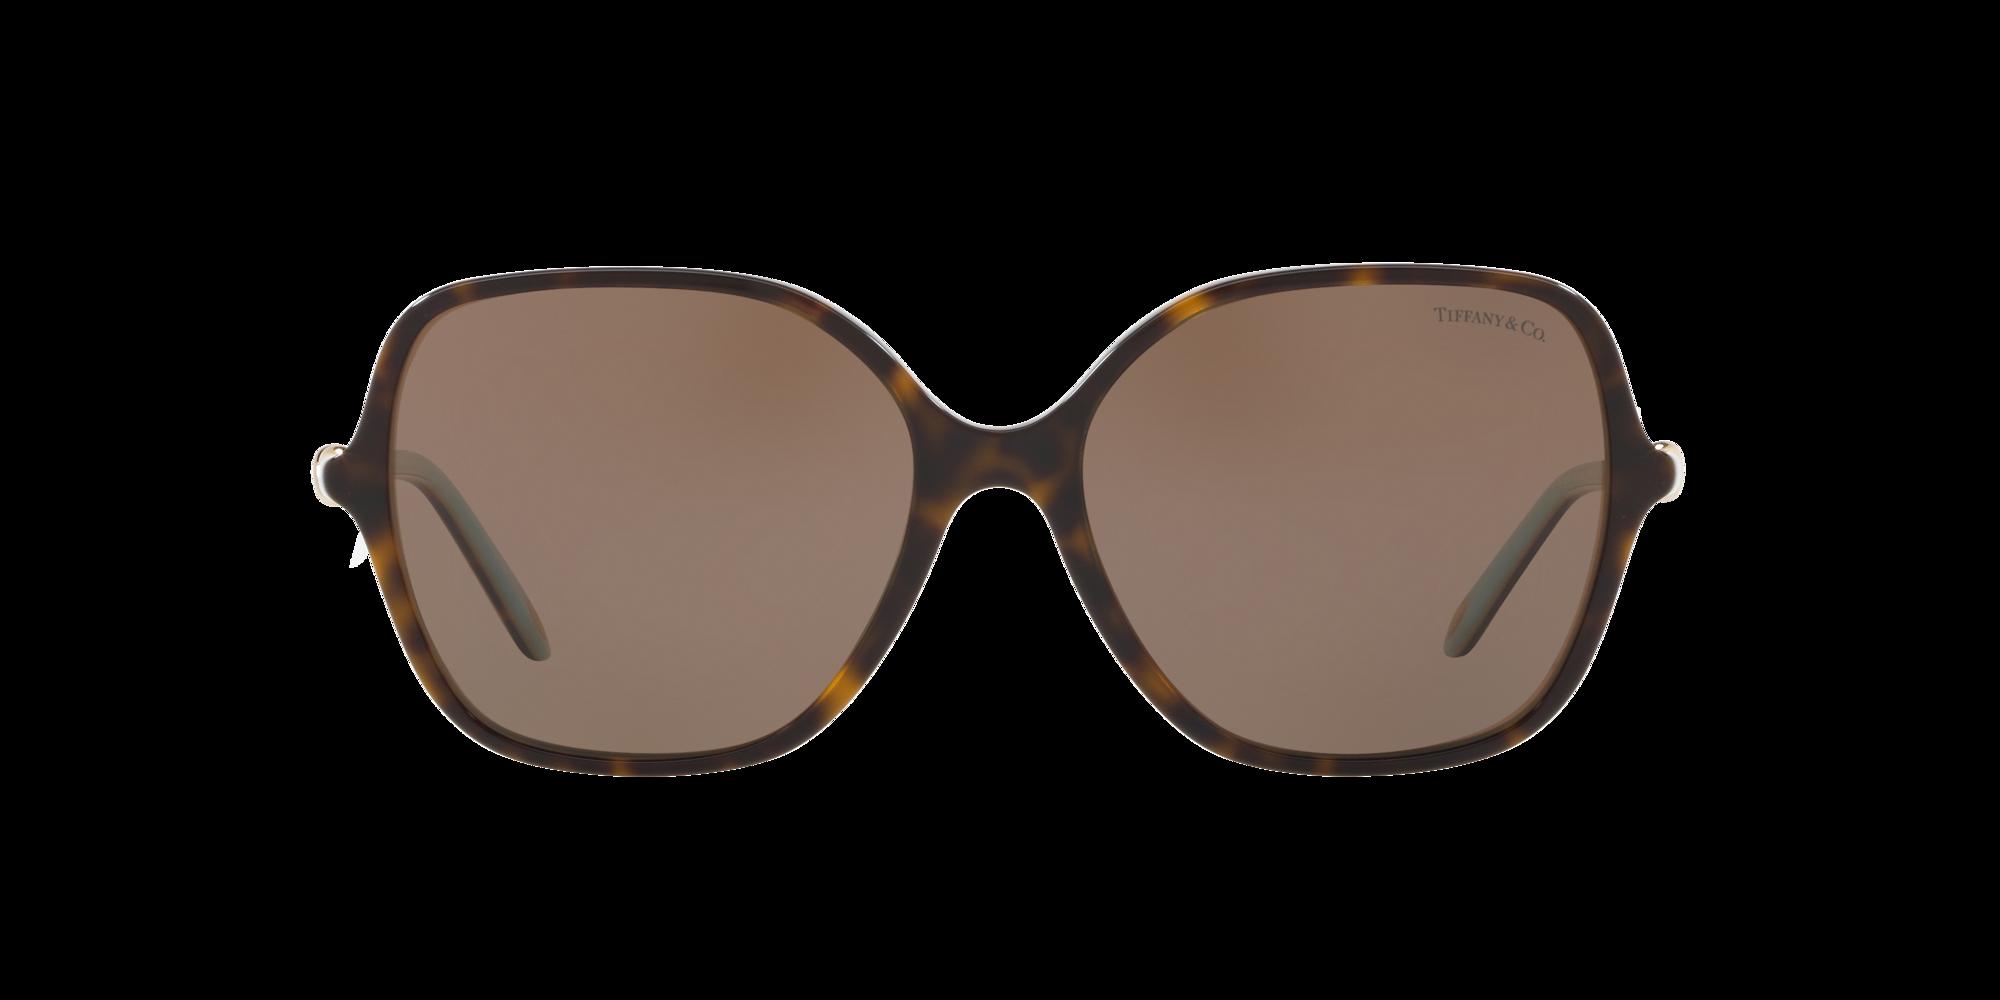 Imagen para TF4145B 57 de LensCrafters |  Espejuelos, espejuelos graduados en línea, gafas